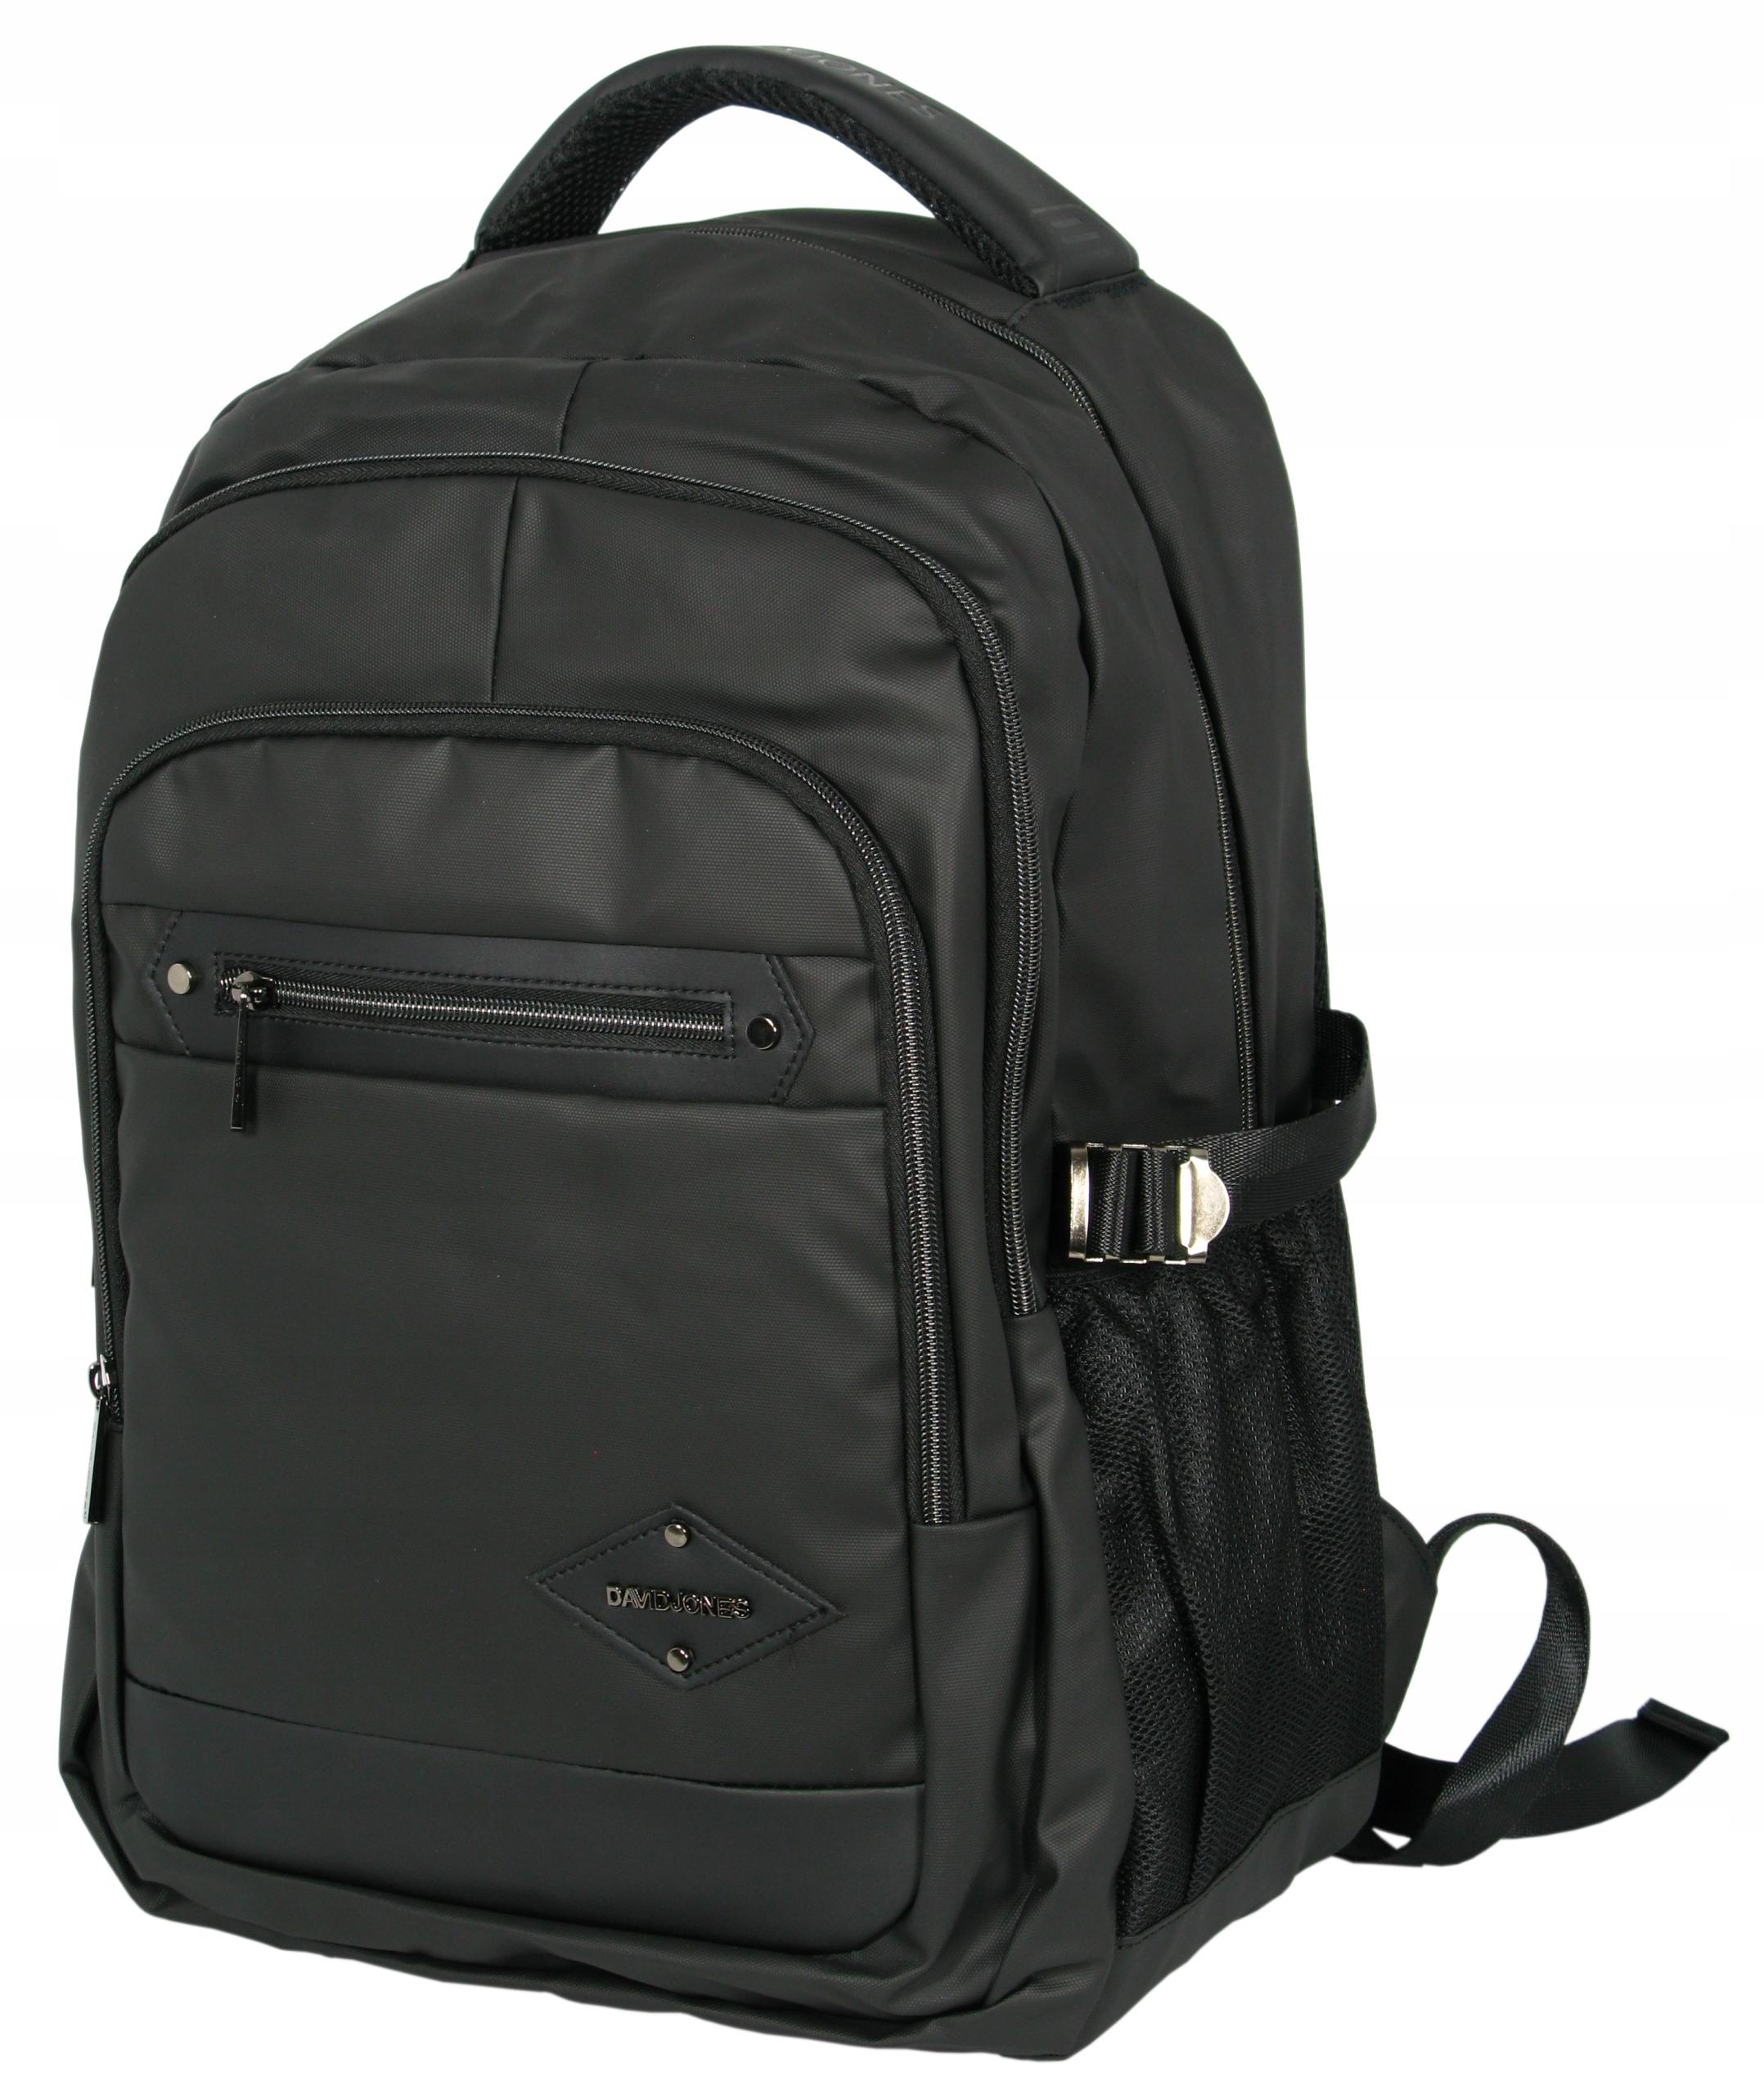 Plecak na laptop DAVID JONES PC-019 czarny 15,6